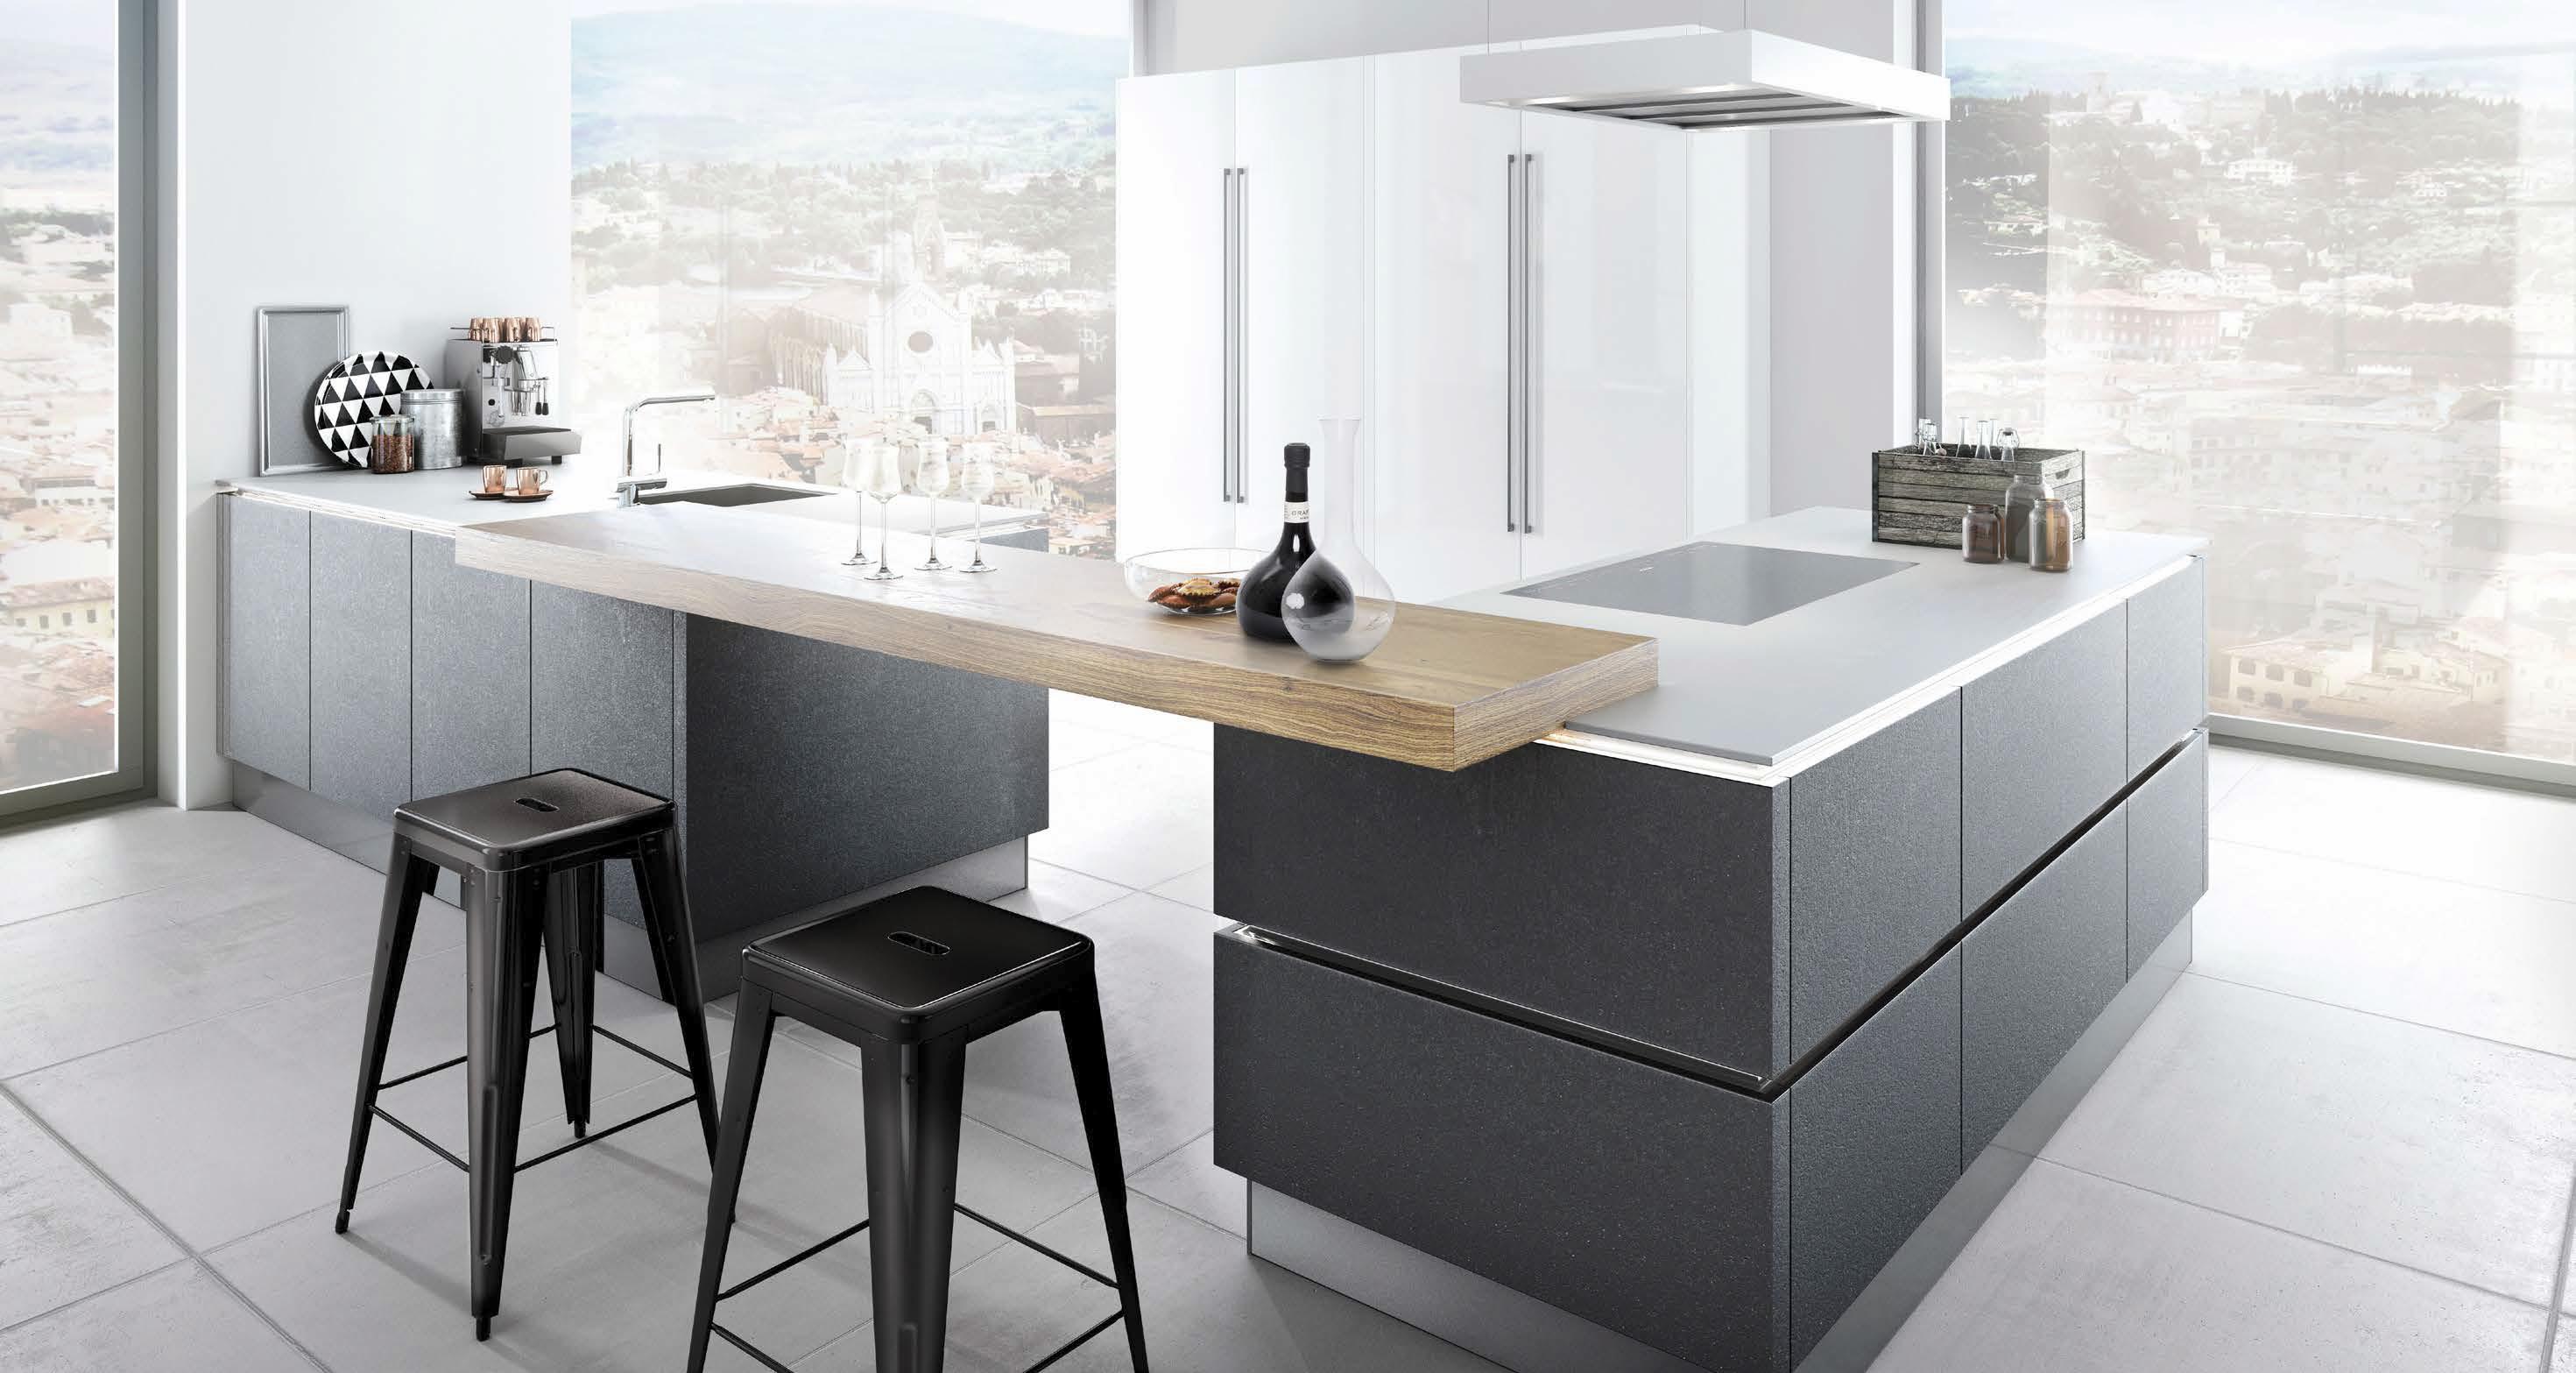 home beutter k chen. Black Bedroom Furniture Sets. Home Design Ideas